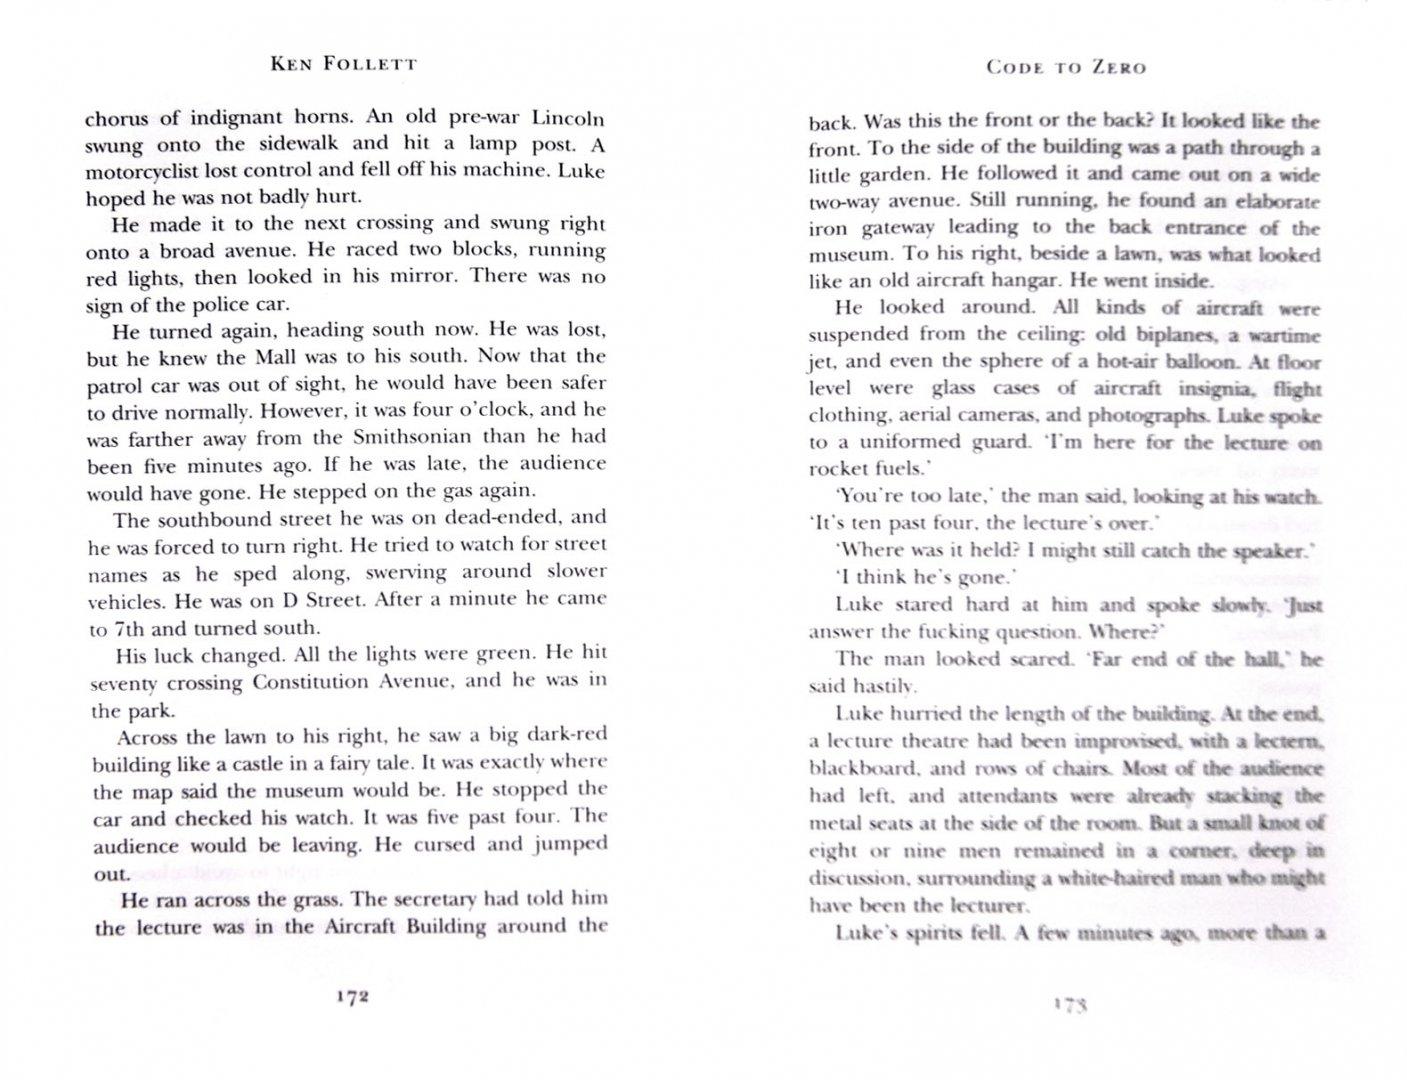 Иллюстрация 1 из 10 для Code to Zero - Ken Follett | Лабиринт - книги. Источник: Лабиринт